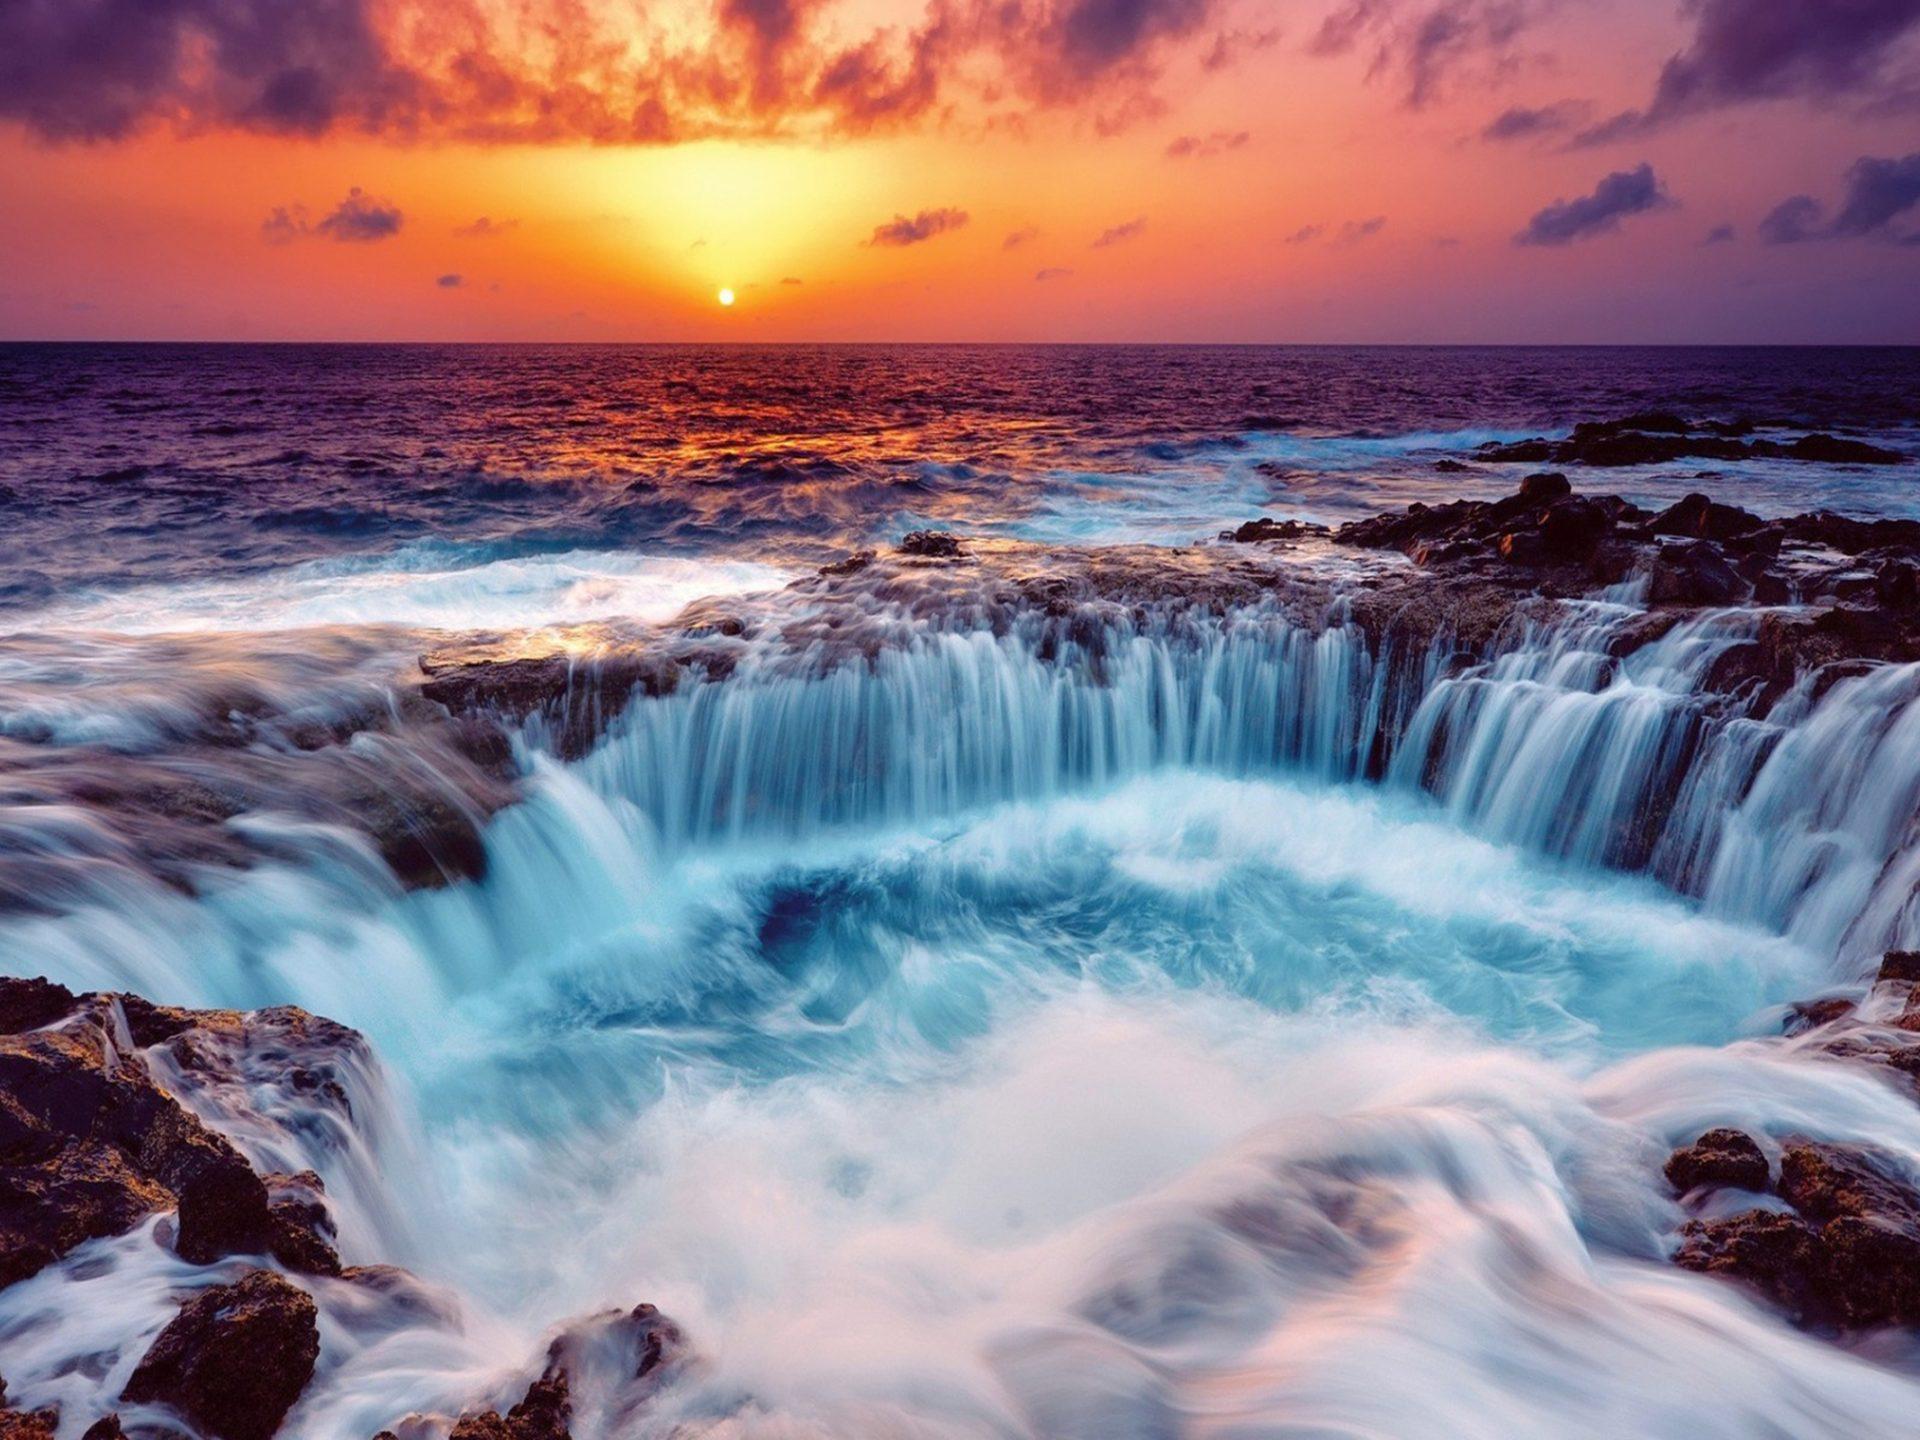 Niagara Falls At Night Wallpaper Hd Gorgeous Falls In A Rocky Seashore At Sunset Hdr Hd